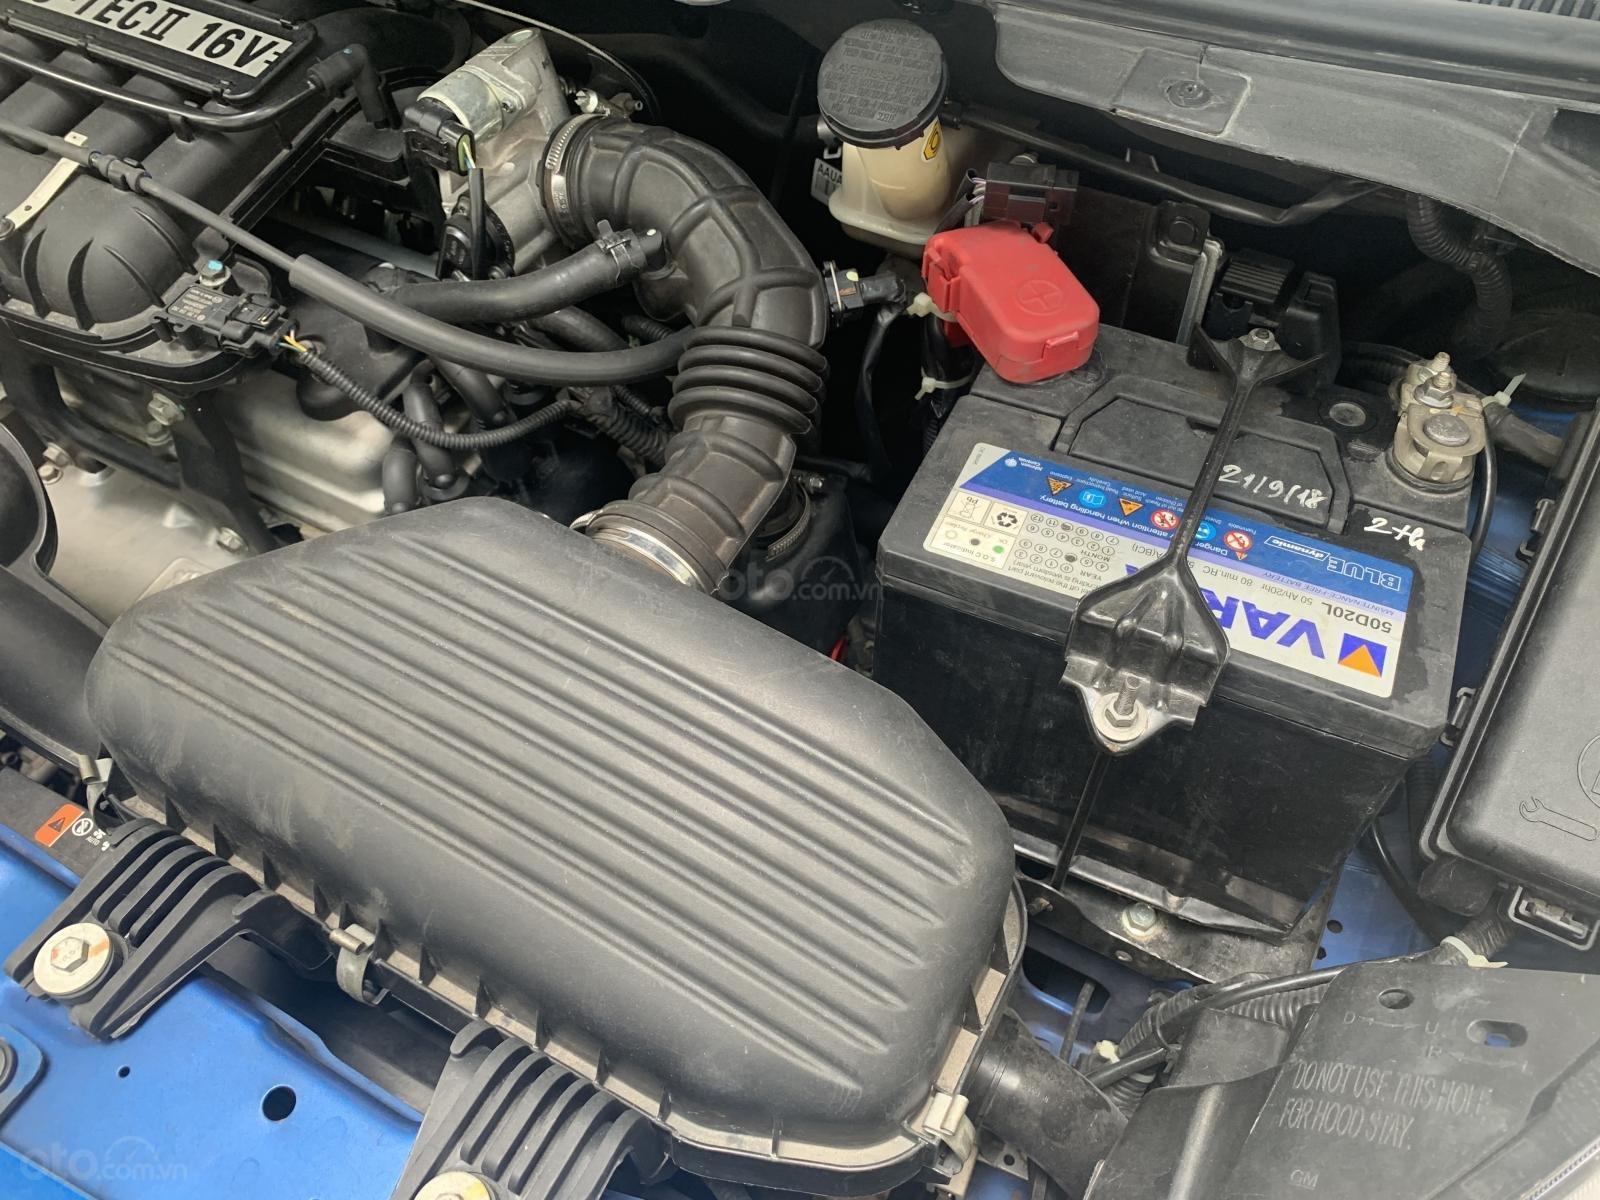 Cần bán Chevrolet Spark Spark LTZ số tự động bản đặc biệt 4 túi khí 2014, màu xanh lam (13)